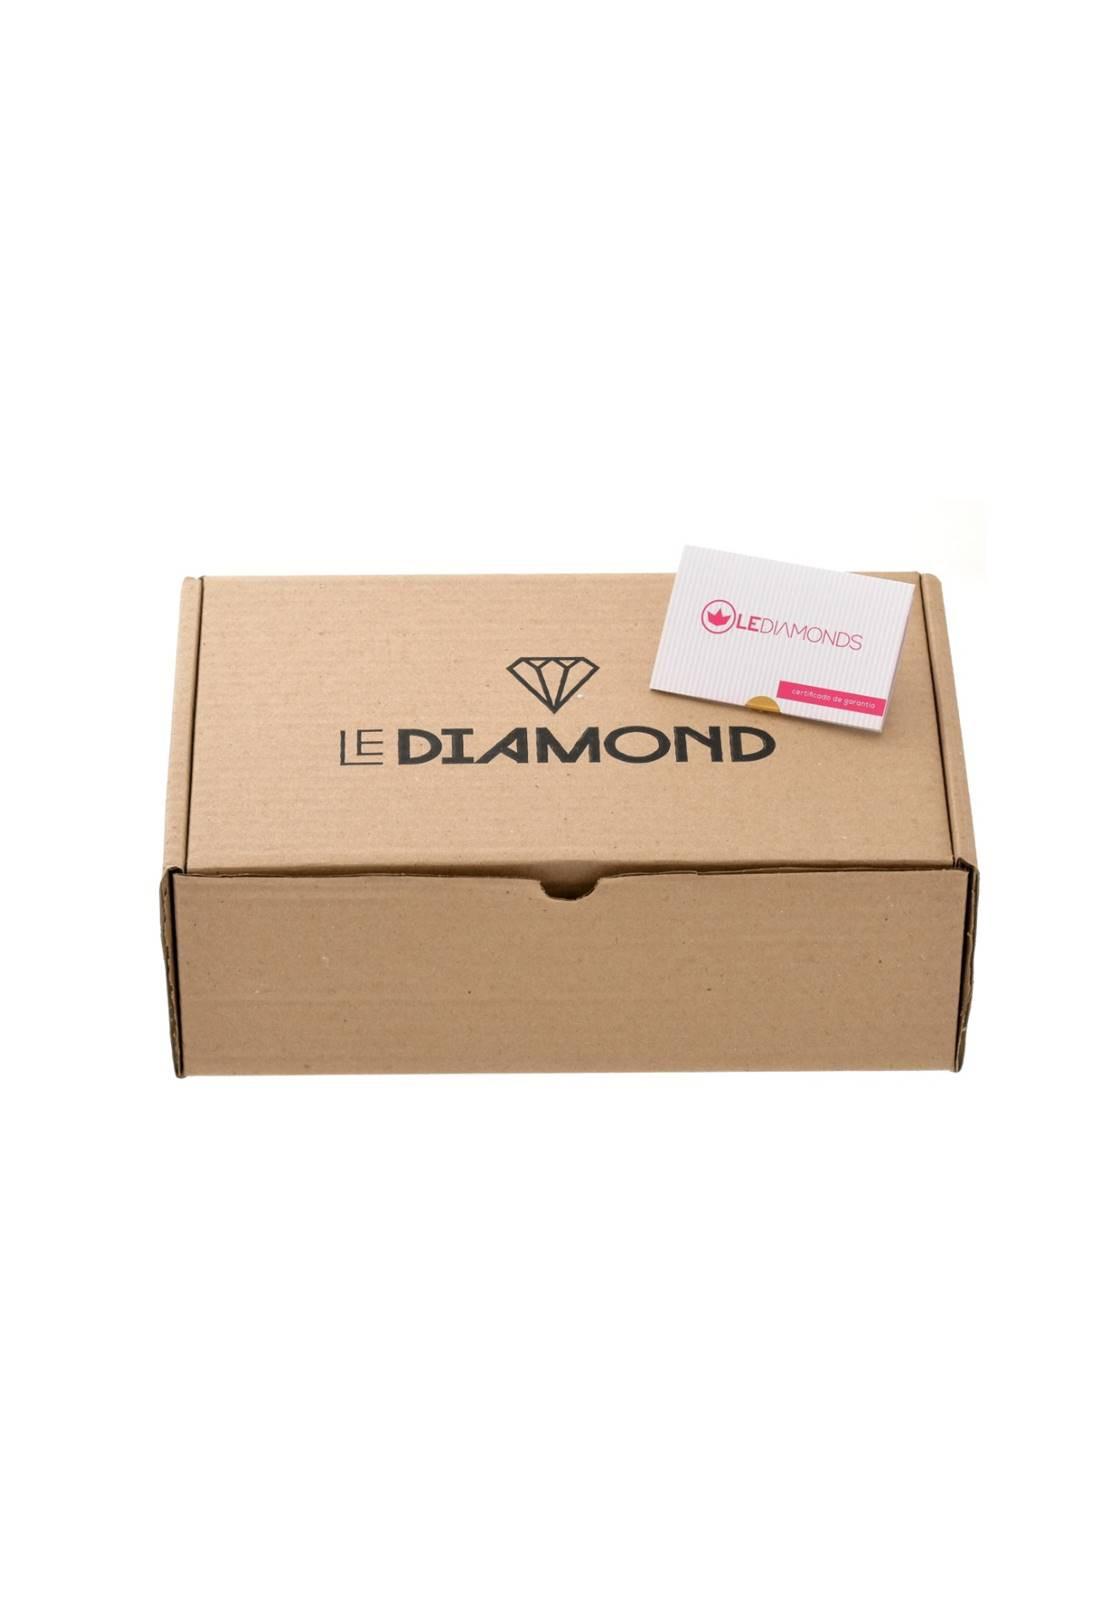 Brinco Le Diamond Argola Apolline Marrom